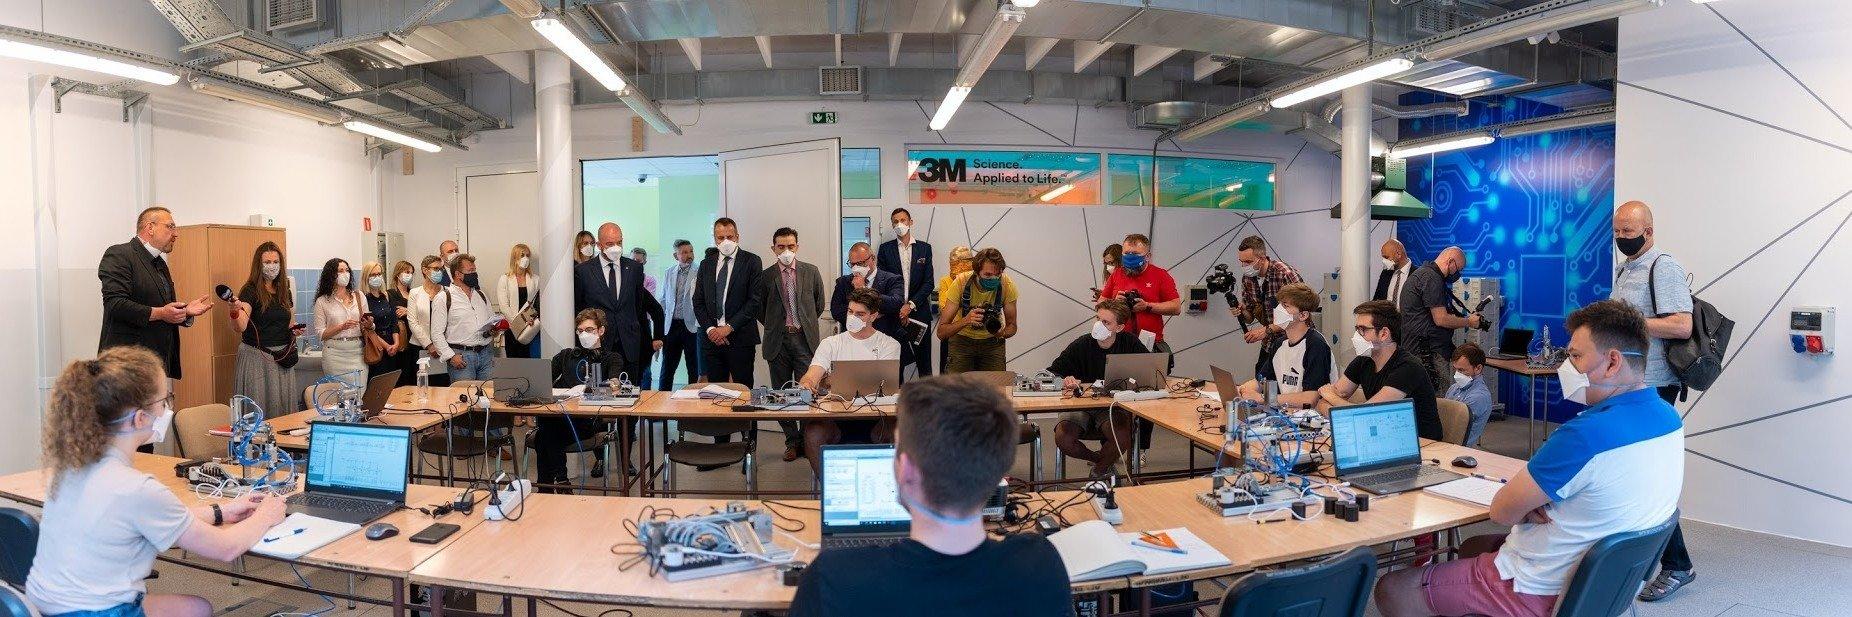 Partnerstwo dla Rozwoju Przyszłości - 3M przeznacza 0,5 mln zł na edukację technologiczną